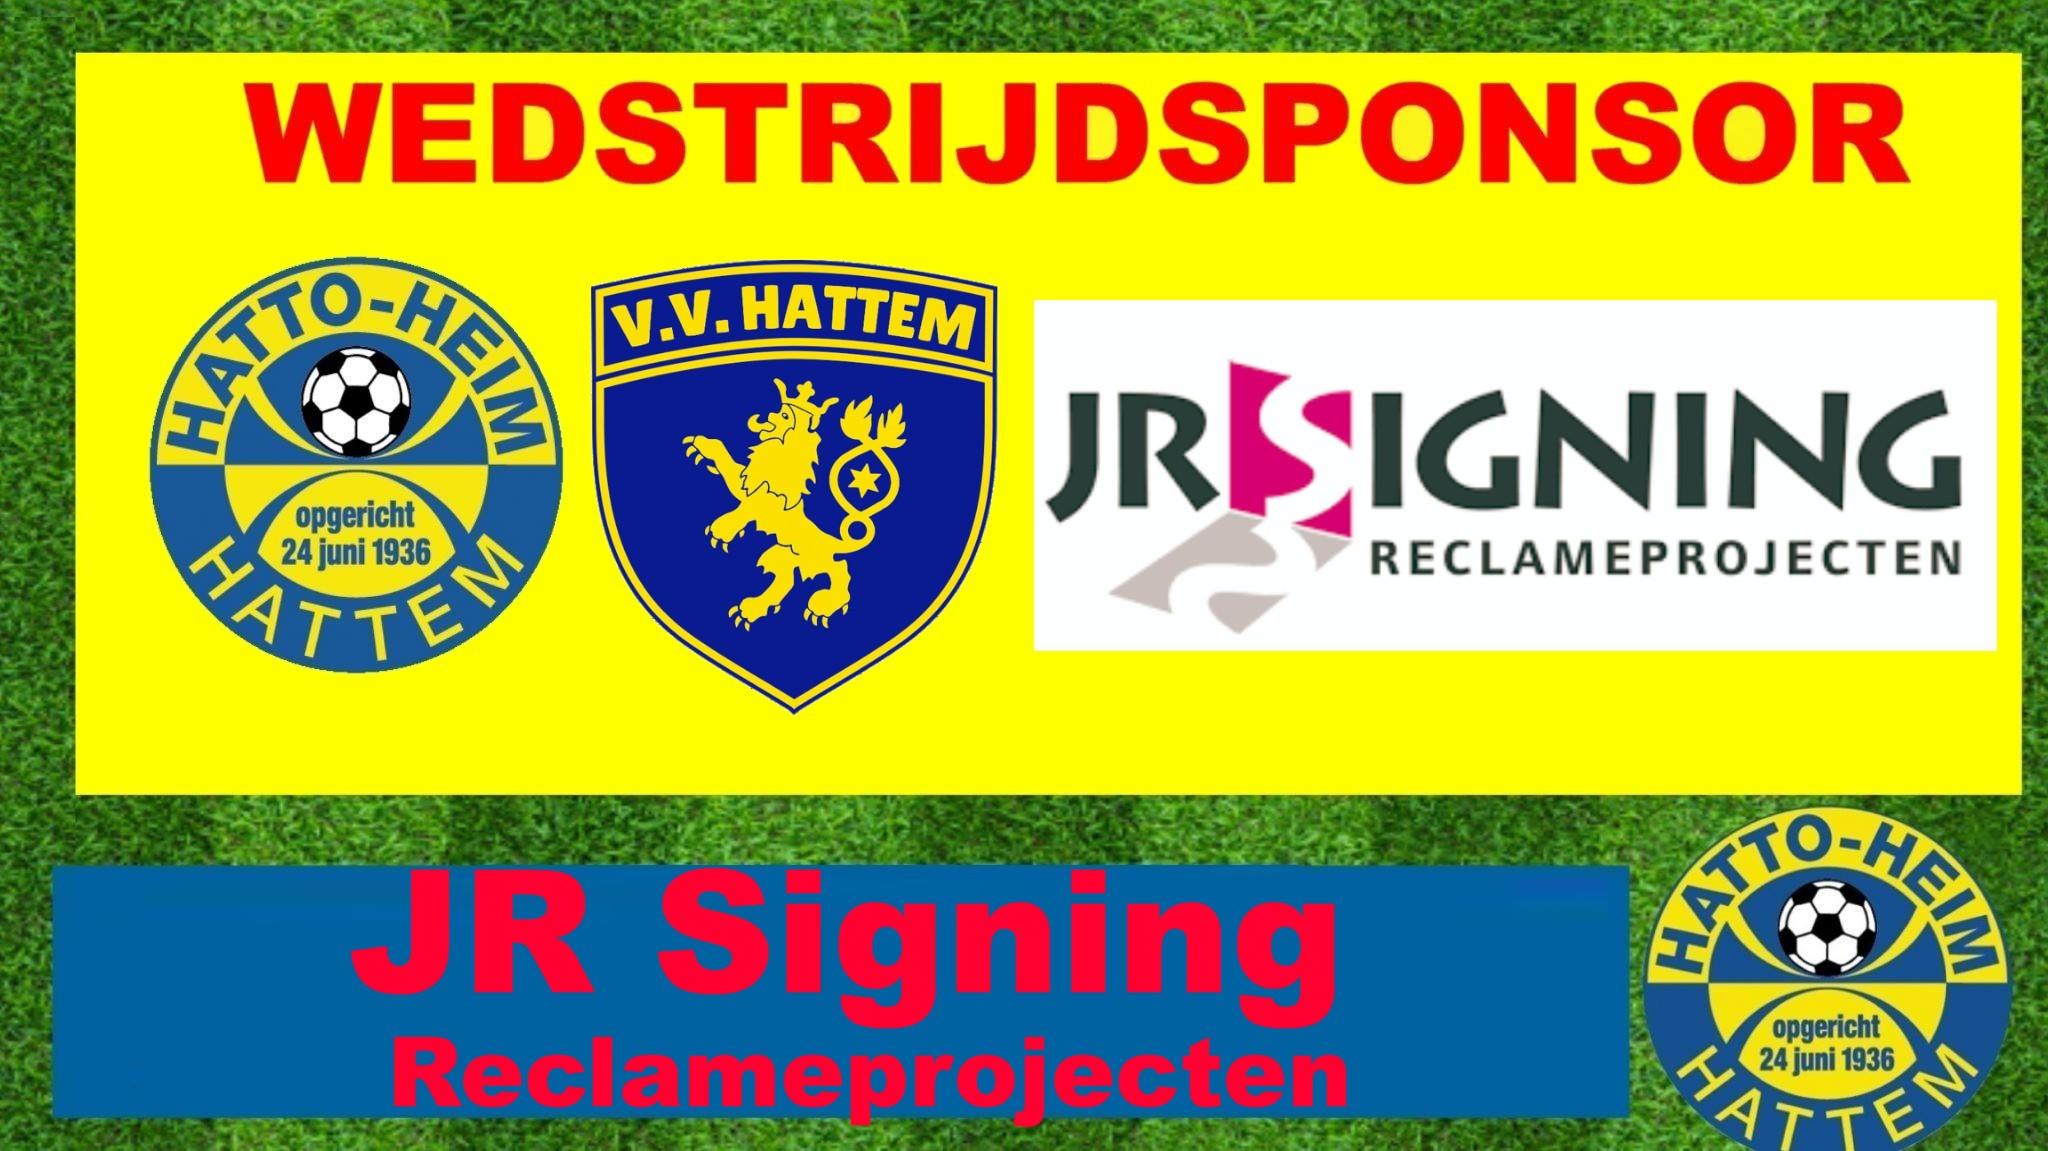 JR Signing wedstrijdsponsor sv Hatto-Heim - vv Hattem